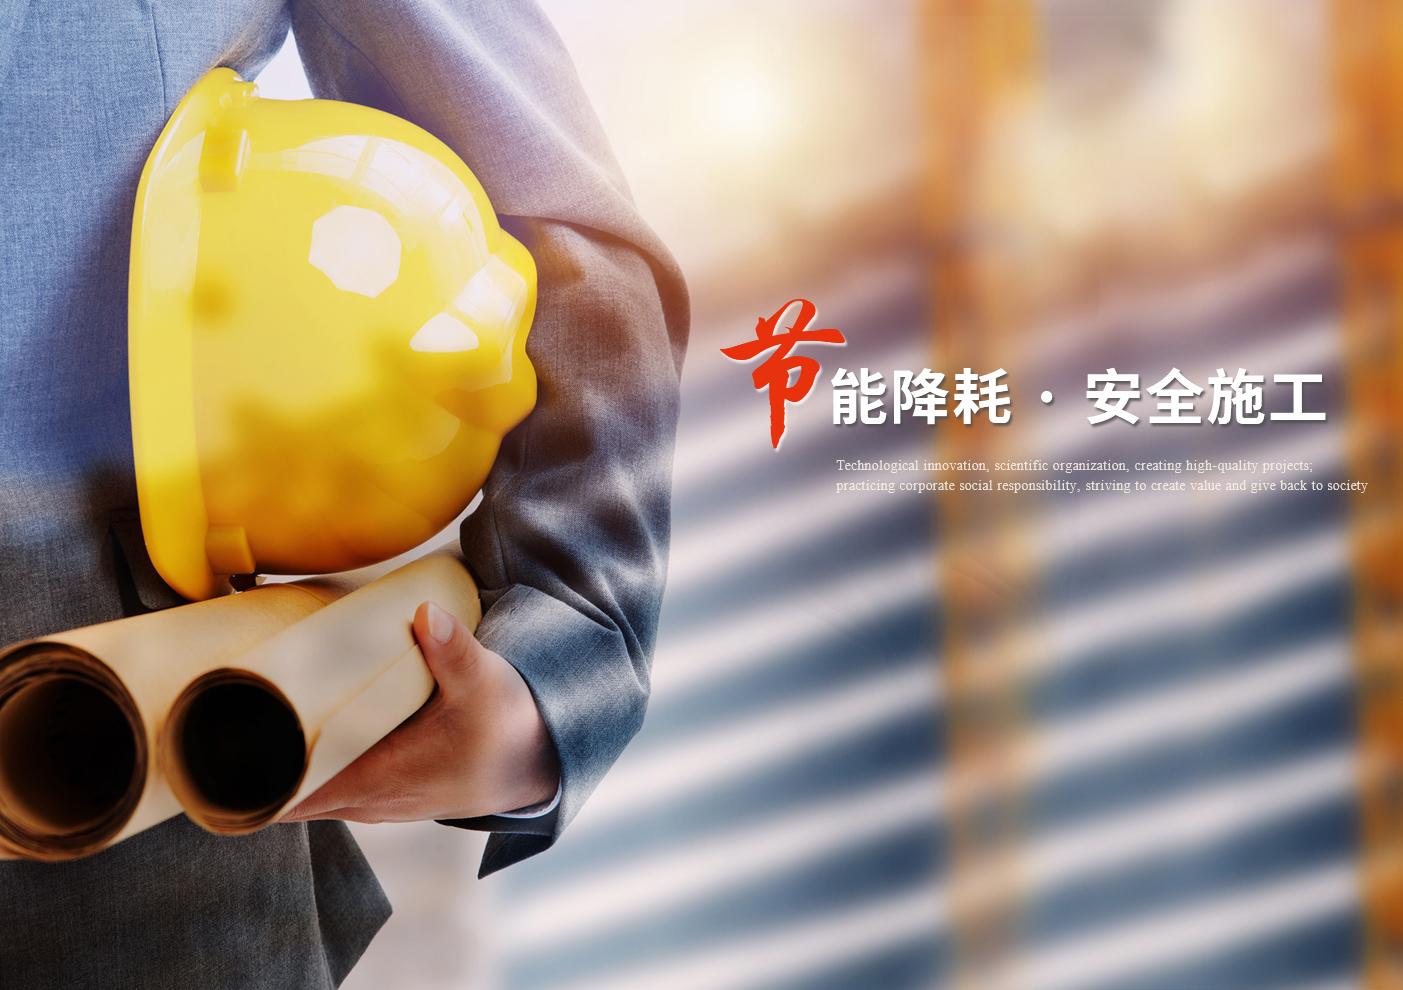 广东建筑公司-建筑工程施工总承包壹级-广东润昌建设工程有限公司【网站欣赏】